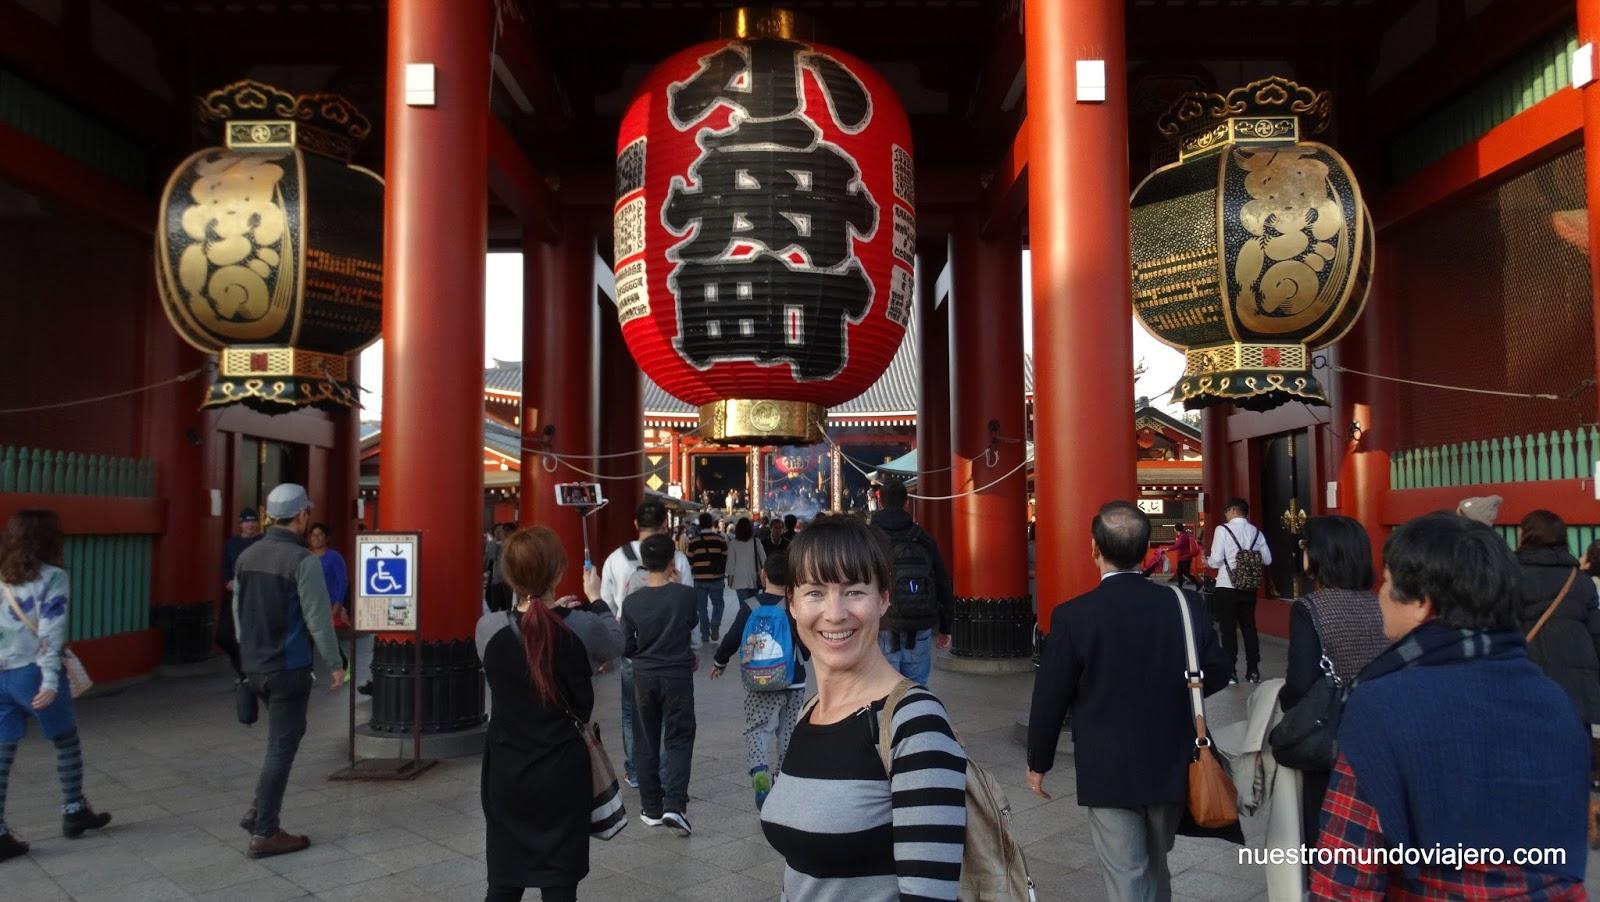 Tokio asakusa y ginza de noche nuestro mundo viajero for Puerta kaminarimon